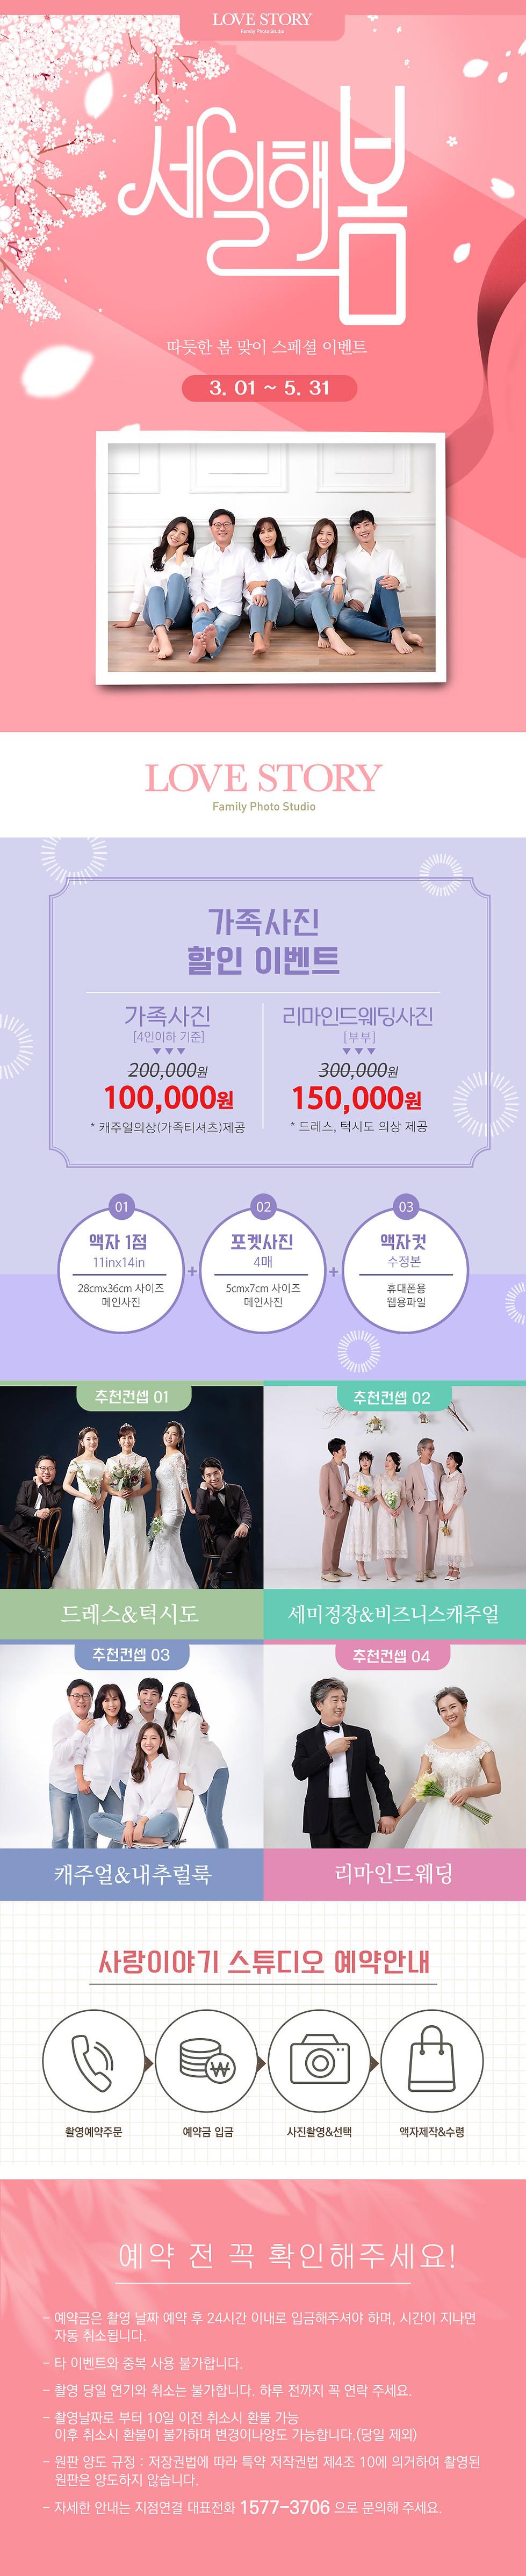 2021_사랑이야기_지점이벤트페이지(봄)--210224-70%.jpg